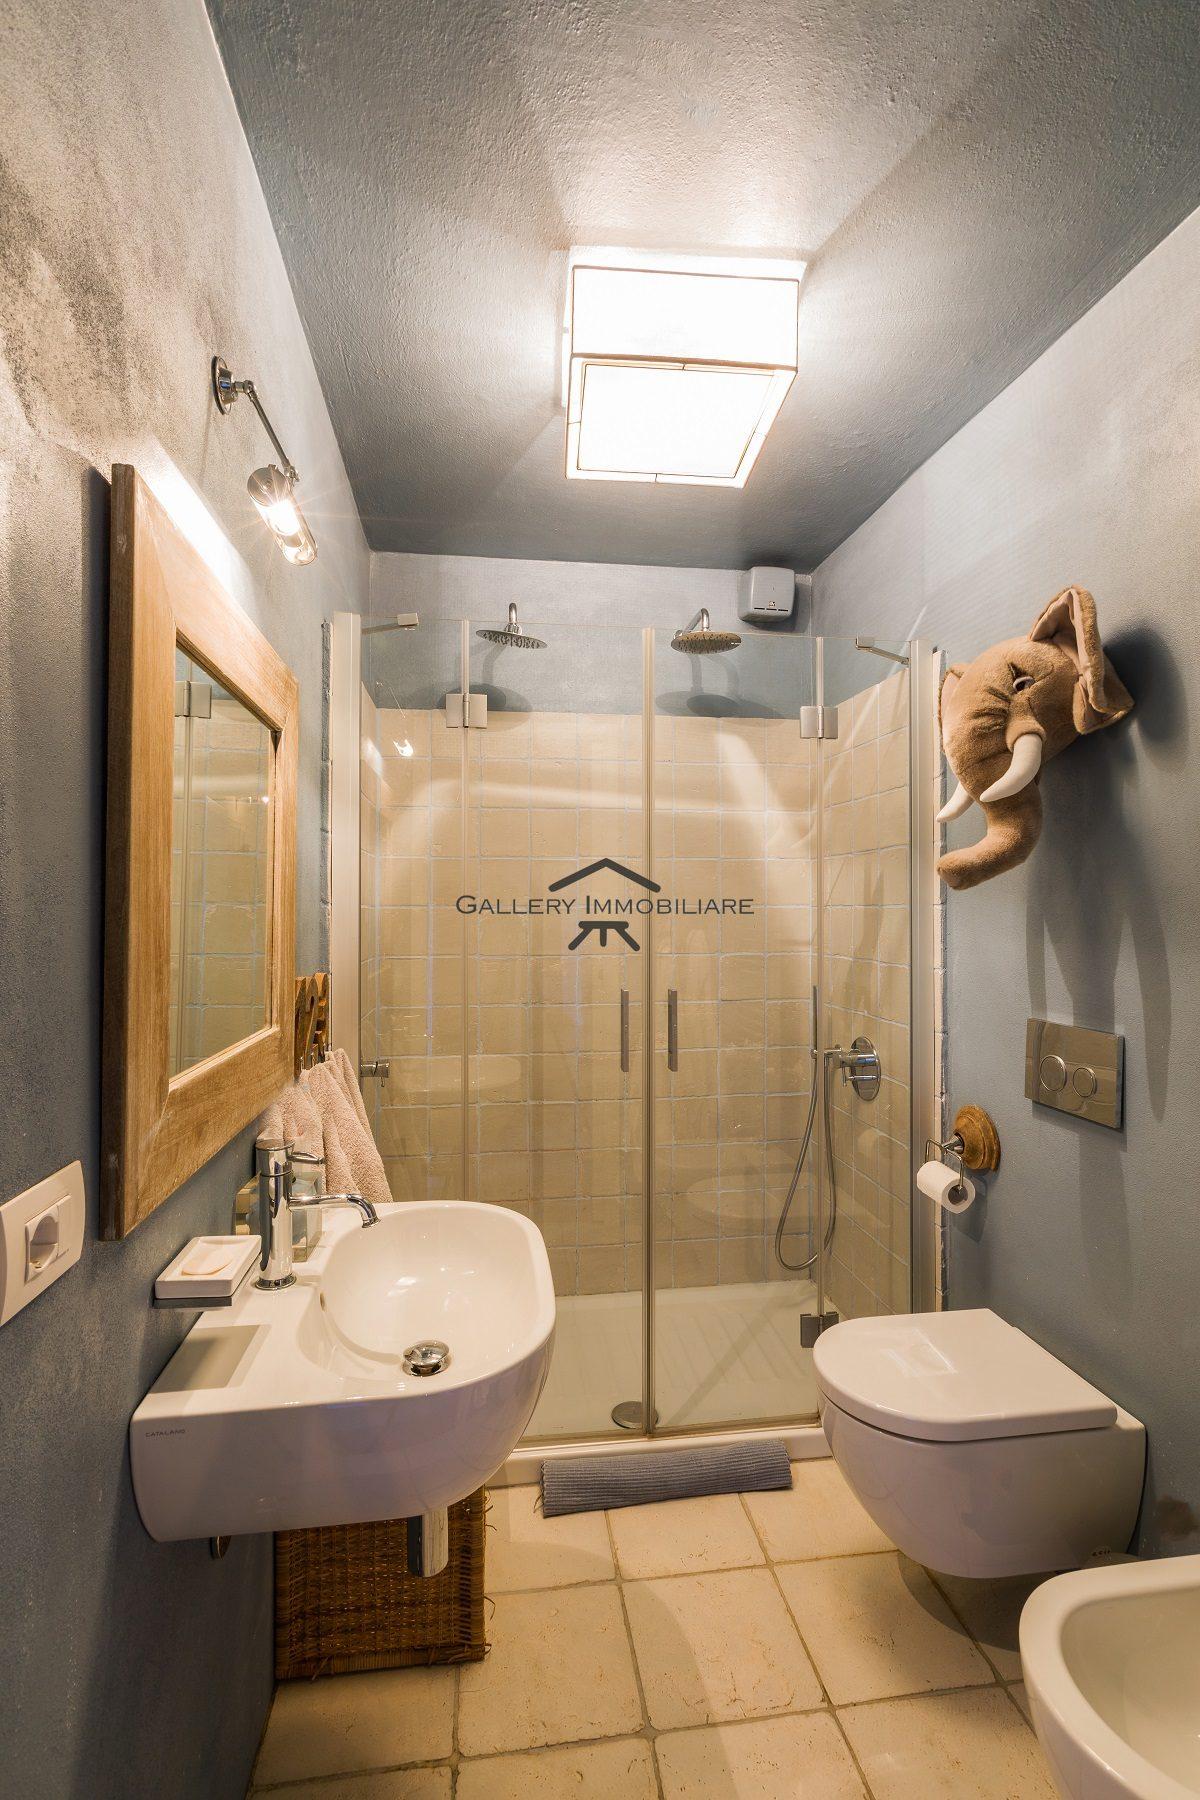 Colonica in vendita a bagno a ripoli - Case in affitto bagno a ripoli ...